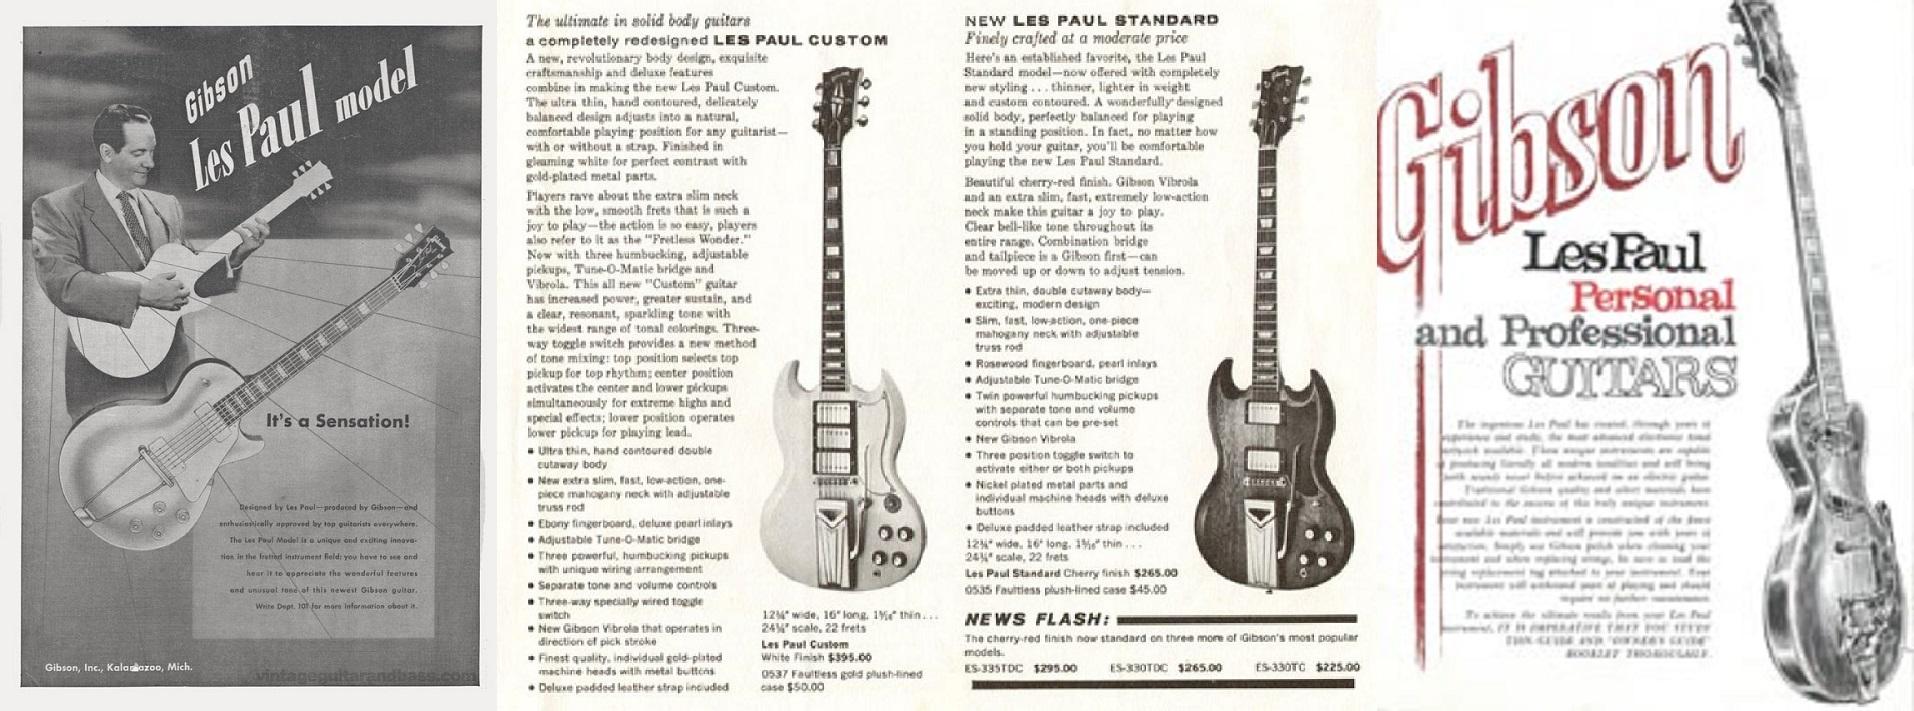 La Gibson Les Paul Model e Lester William Polsfuss tra il 1952 e il 1969, 2ª parte.